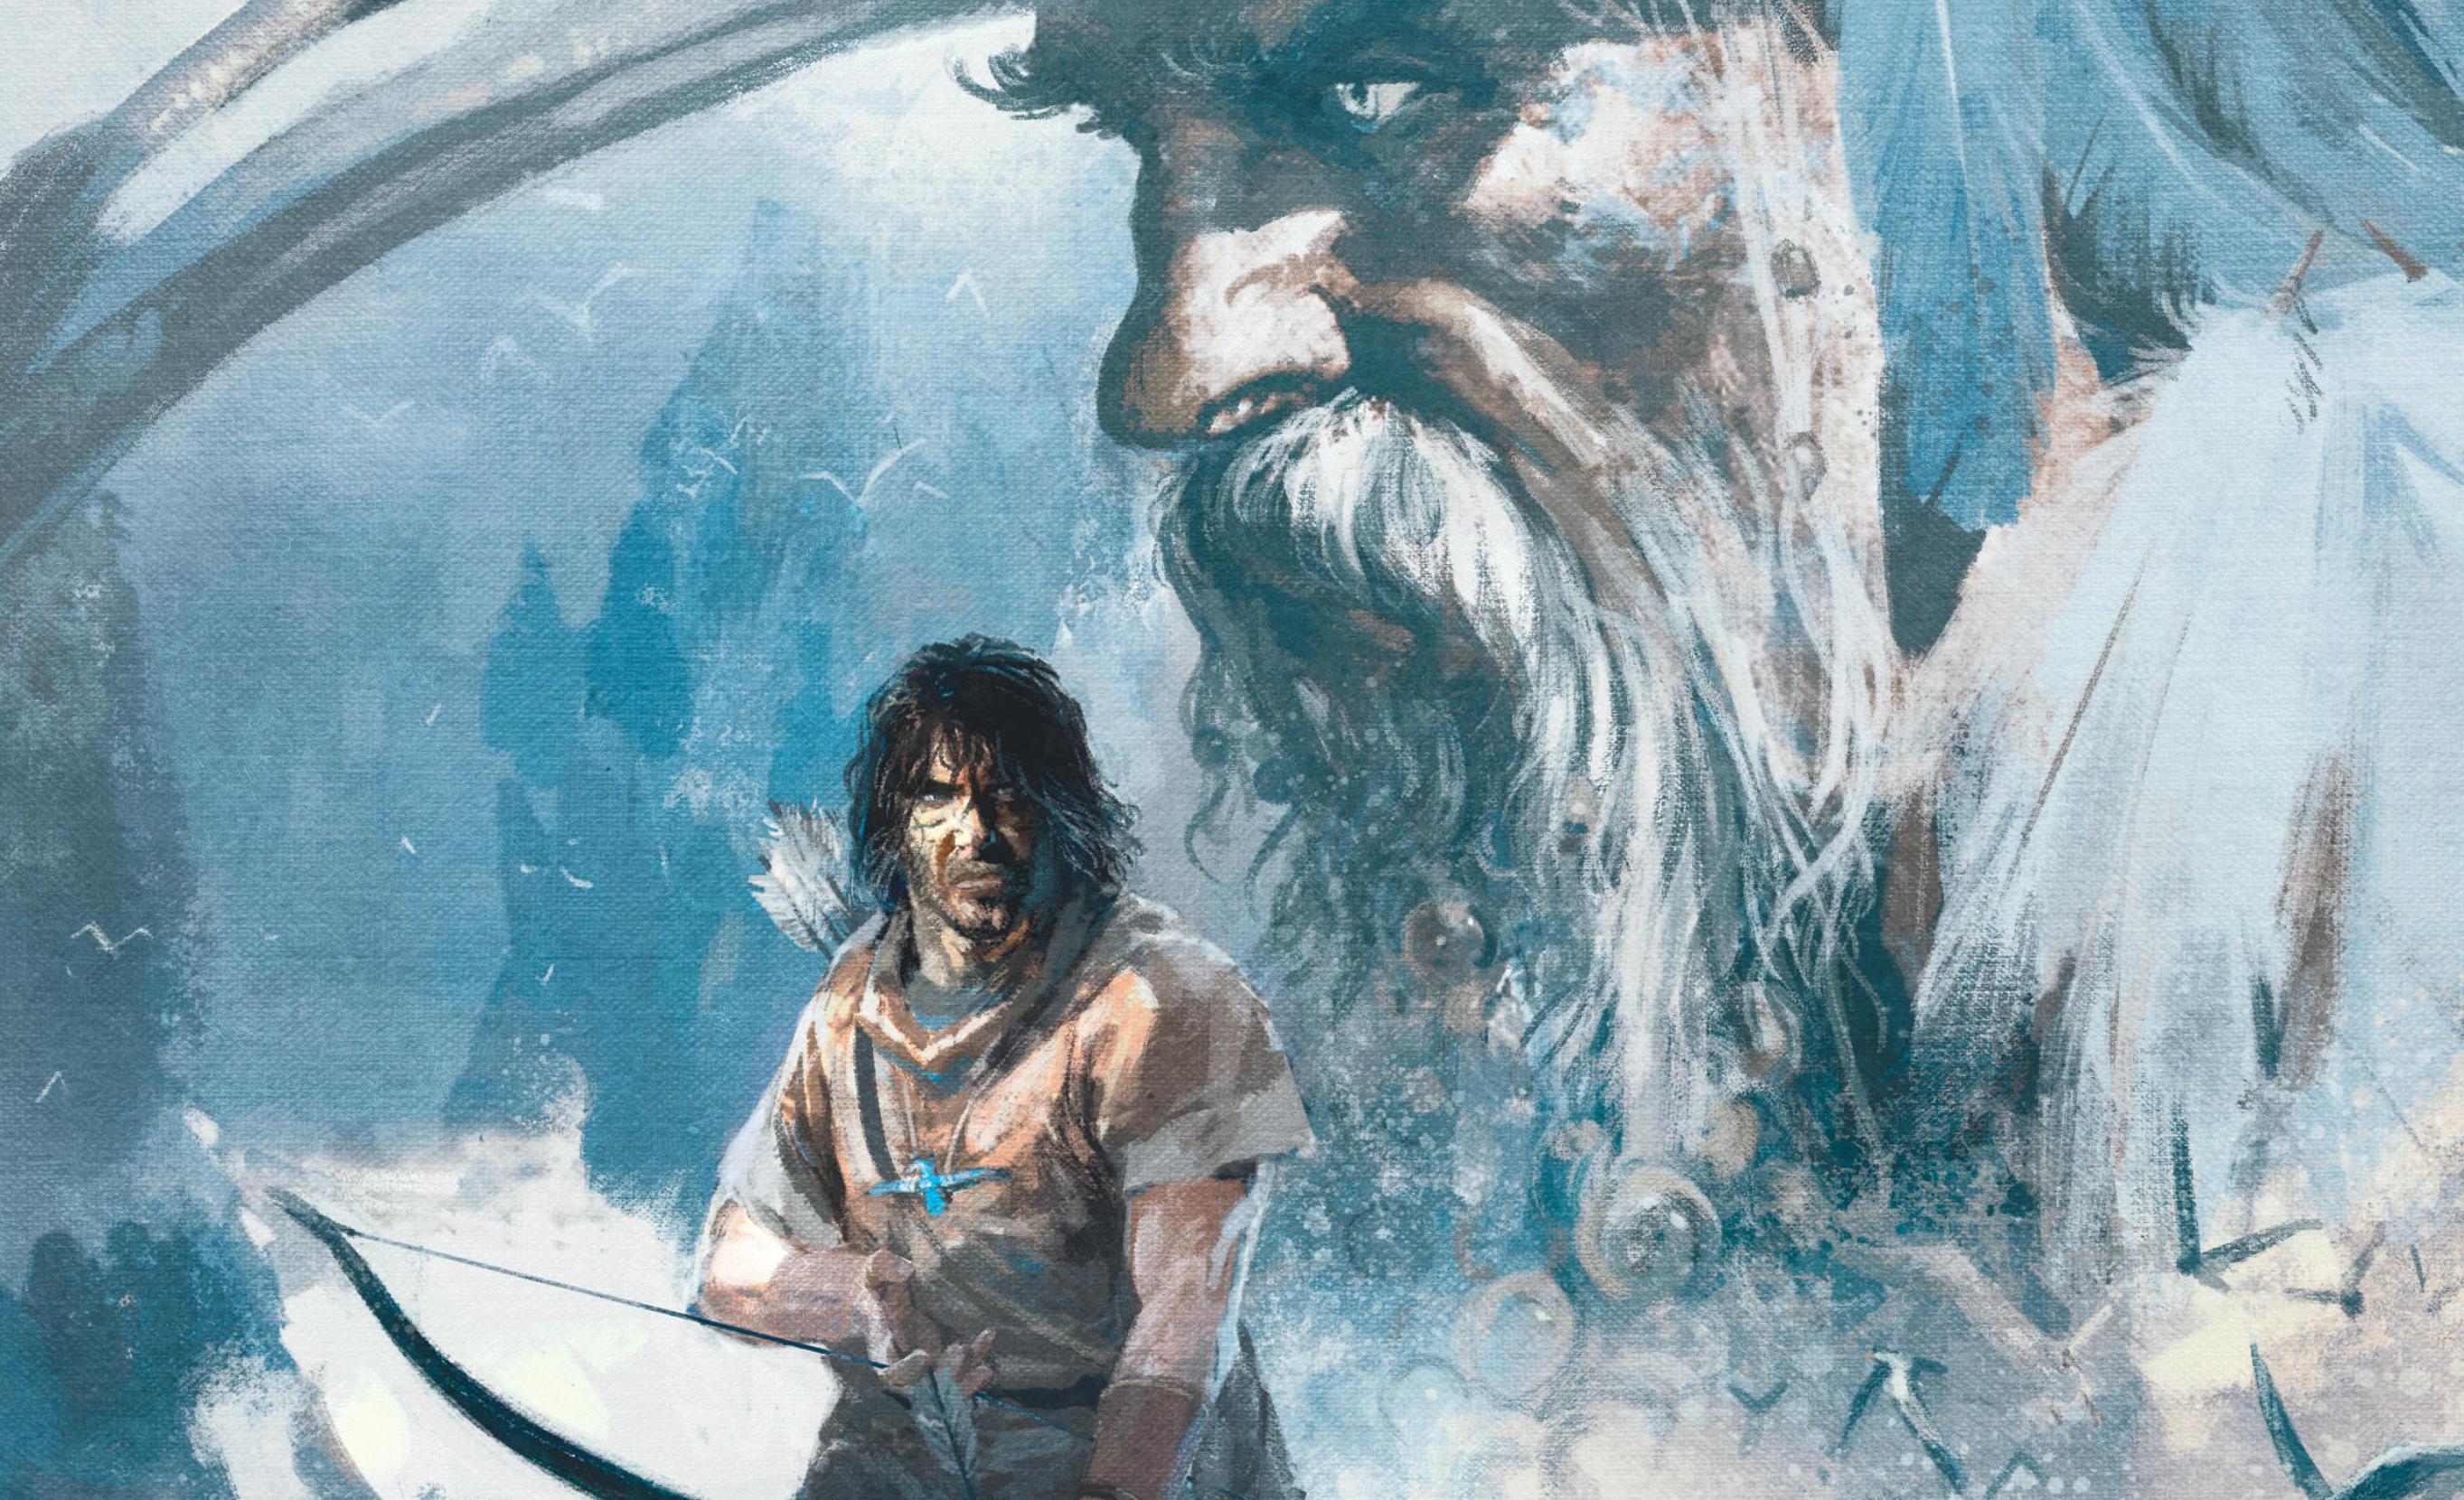 Thorgal 37 - la légende de la BD s'offre une bande annonce digne des plus grands vikings !